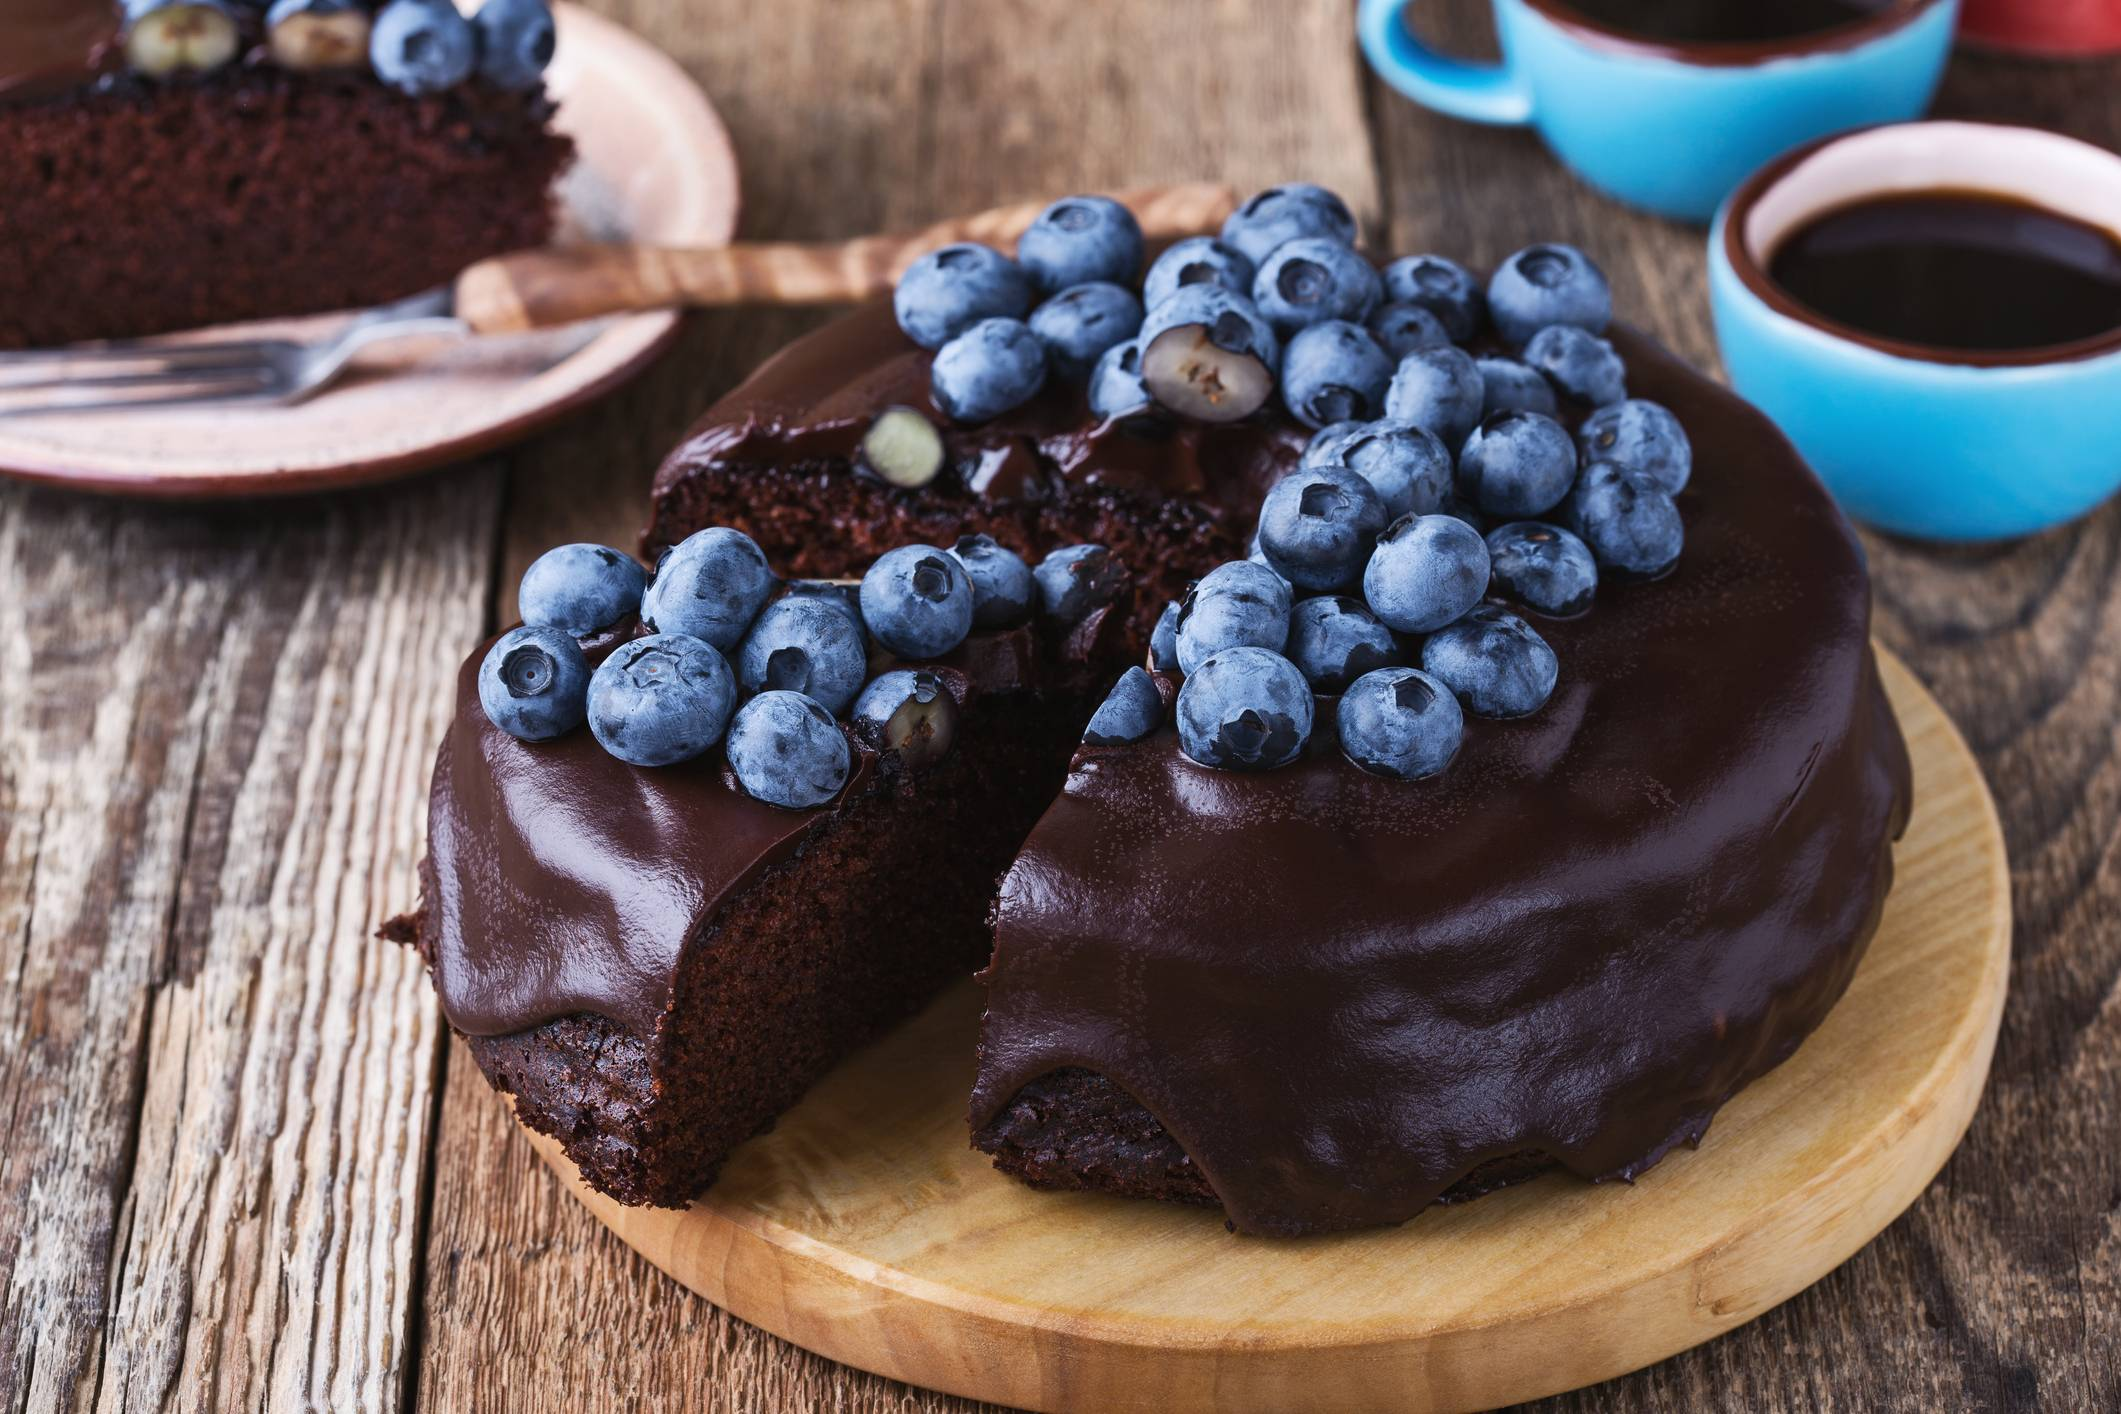 Глазурь из кондитерской плитки. домашняя шоколадная глазурь для торта из шоколада и какао – лучшие рецепты. секреты правильной домашней шоколадной глазури.